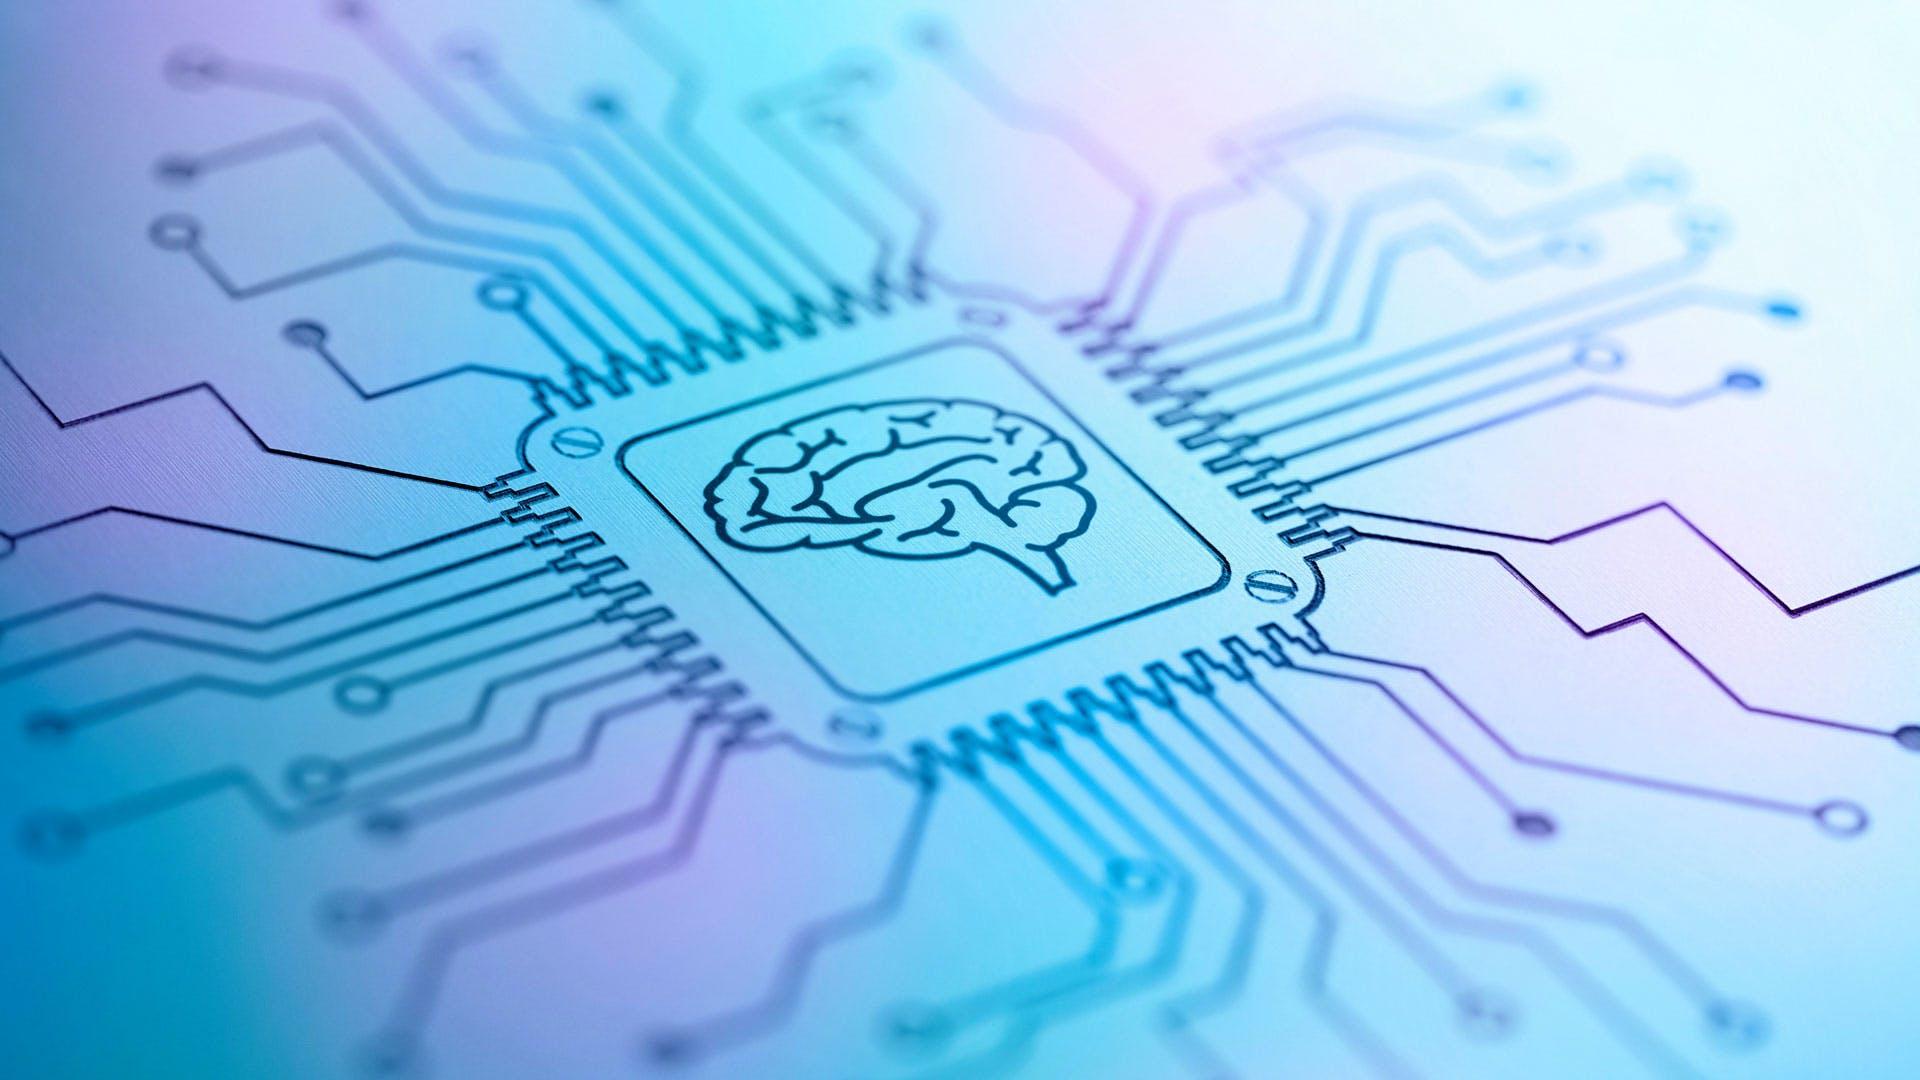 Im Gegensatz zur klassischen Bildverarbeitung braucht Künstliche Intelligenz (KI) keine programmierbaren Regeln.